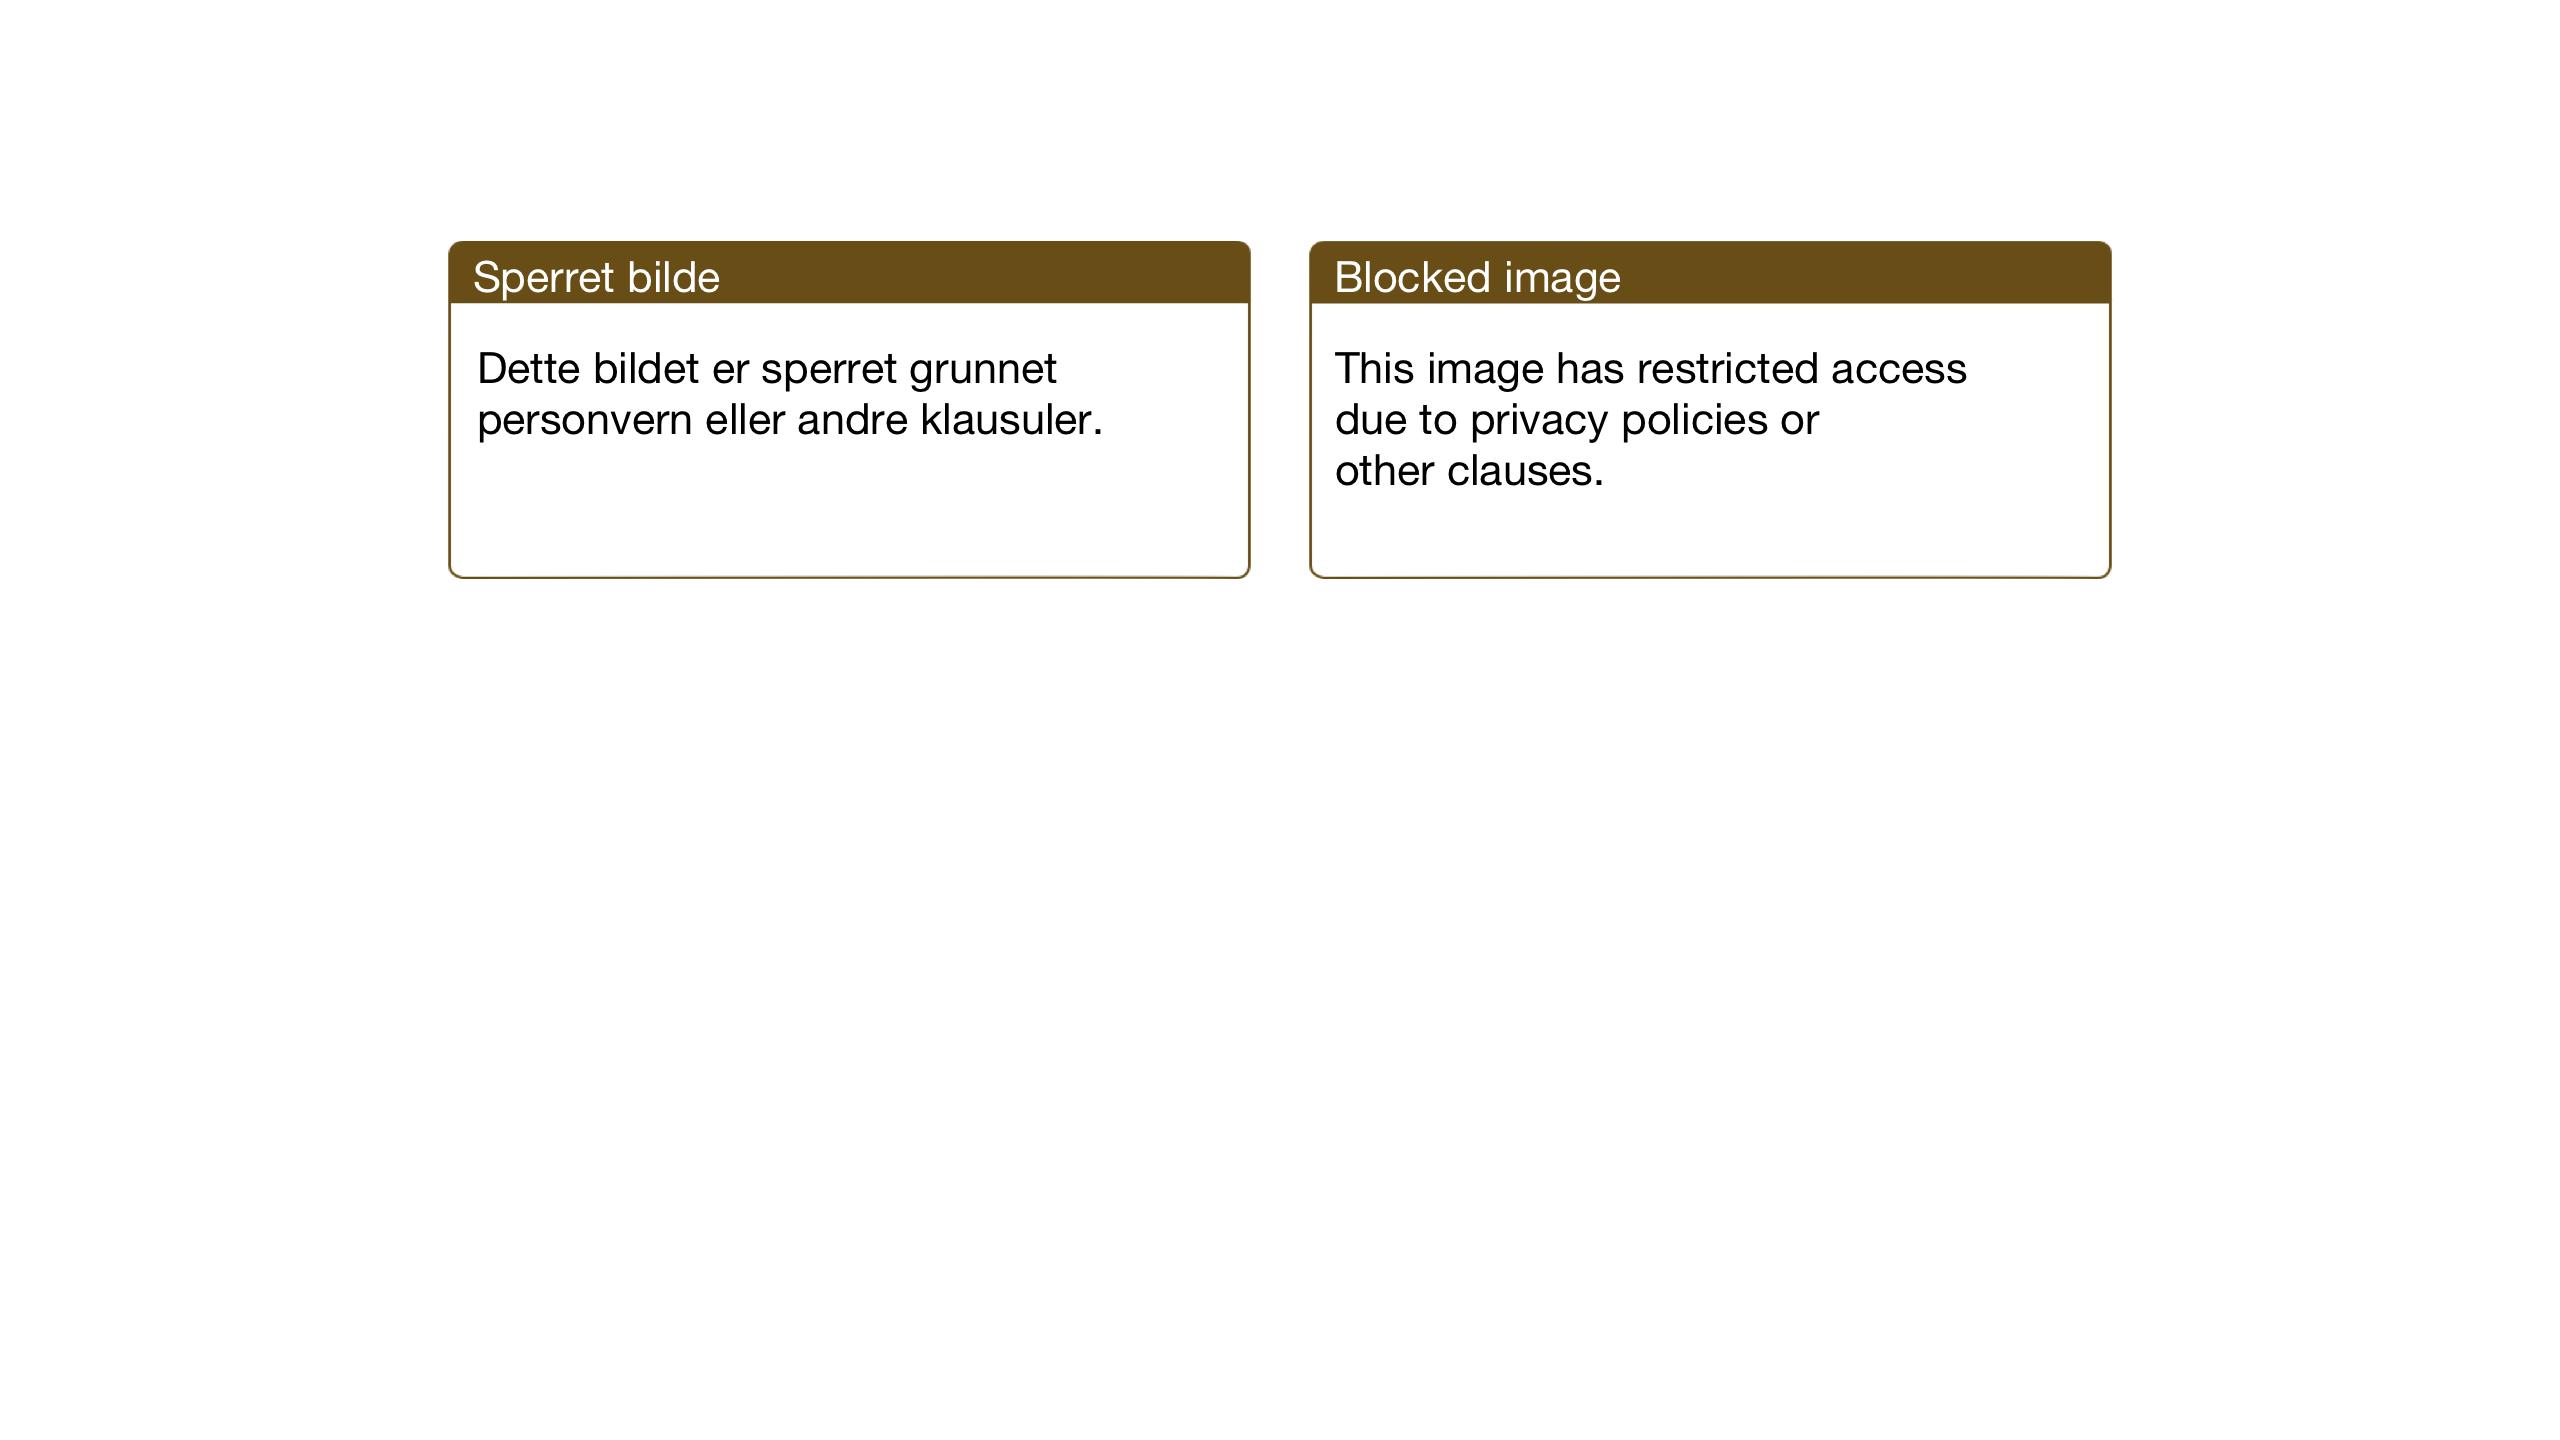 SAT, Ministerialprotokoller, klokkerbøker og fødselsregistre - Sør-Trøndelag, 686/L0986: Klokkerbok nr. 686C02, 1933-1950, s. 98